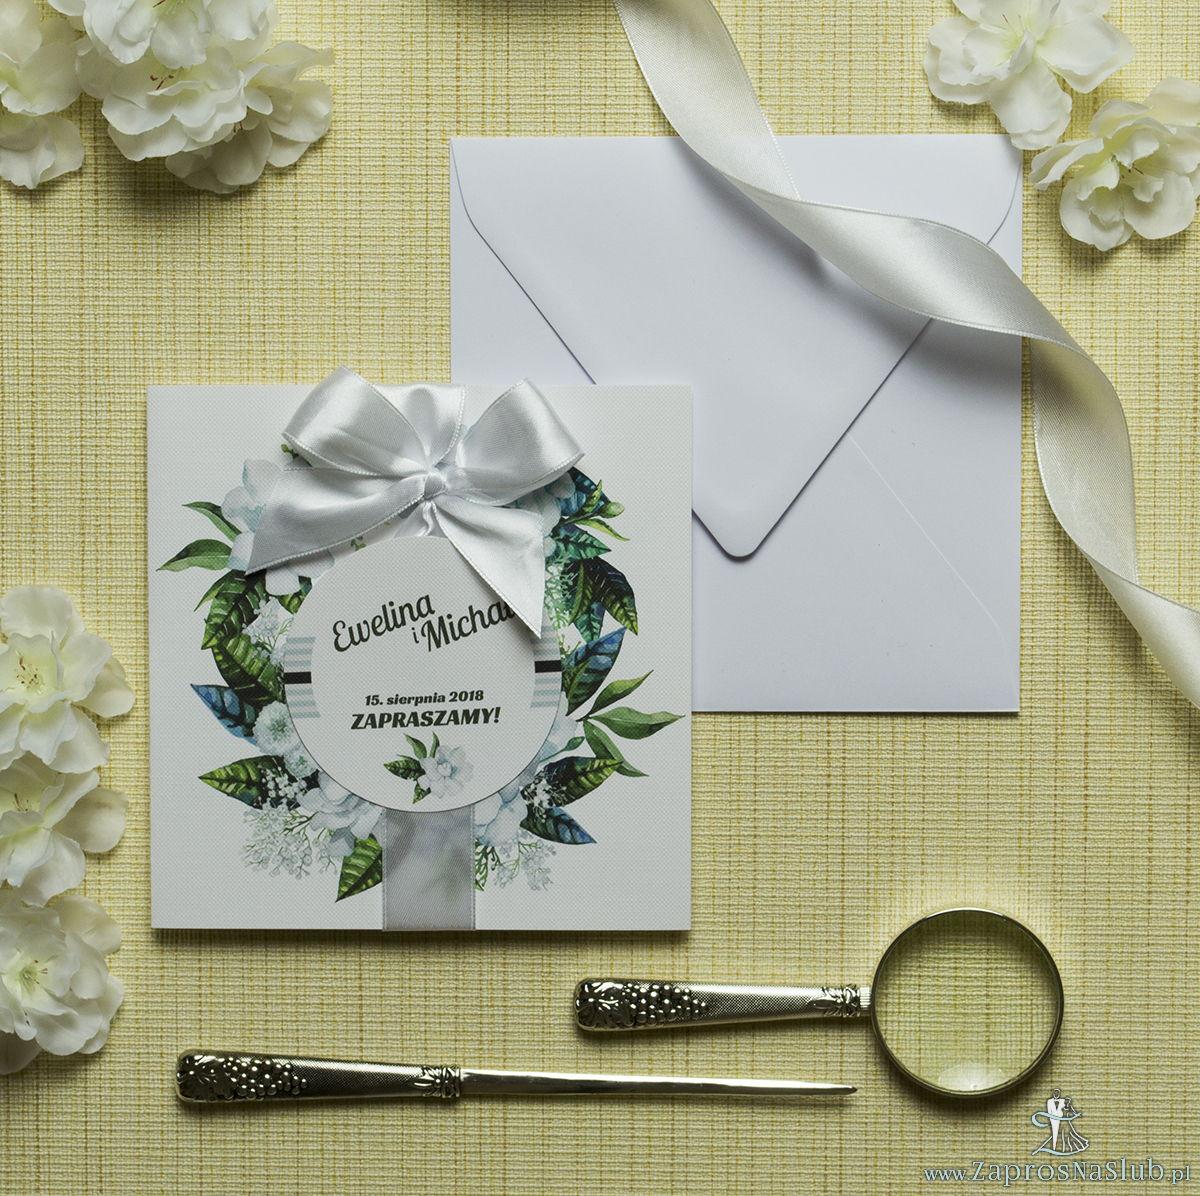 Zaproszenia kwiatowe - wiosenny wianek z białymi kwiatami oraz ciemnozielonymi liśćmi. ZAP-54-07